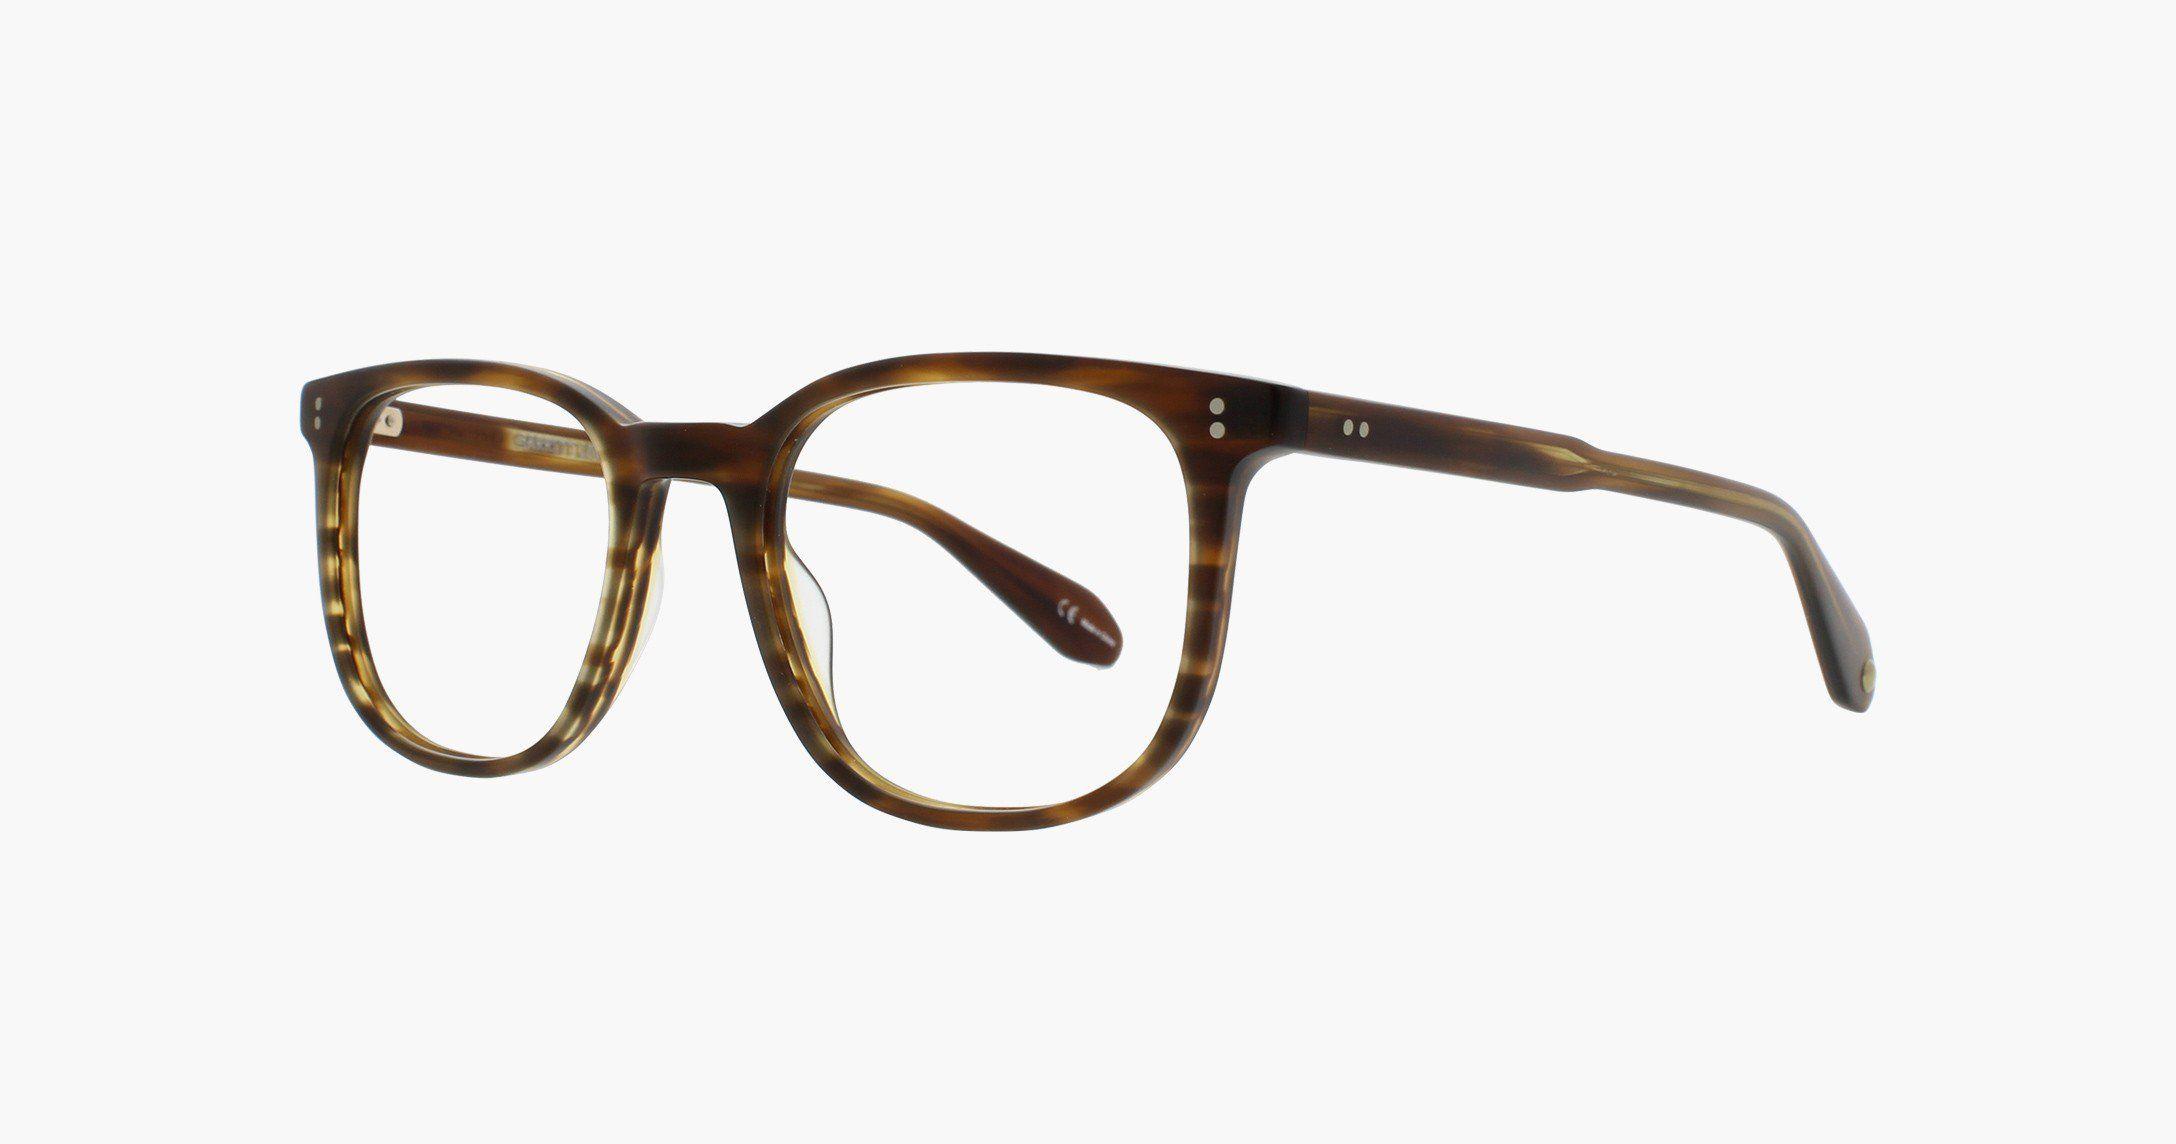 Bentley Bottle Glass Brown 51 Eyeglasses Eyewear Glasses Frames